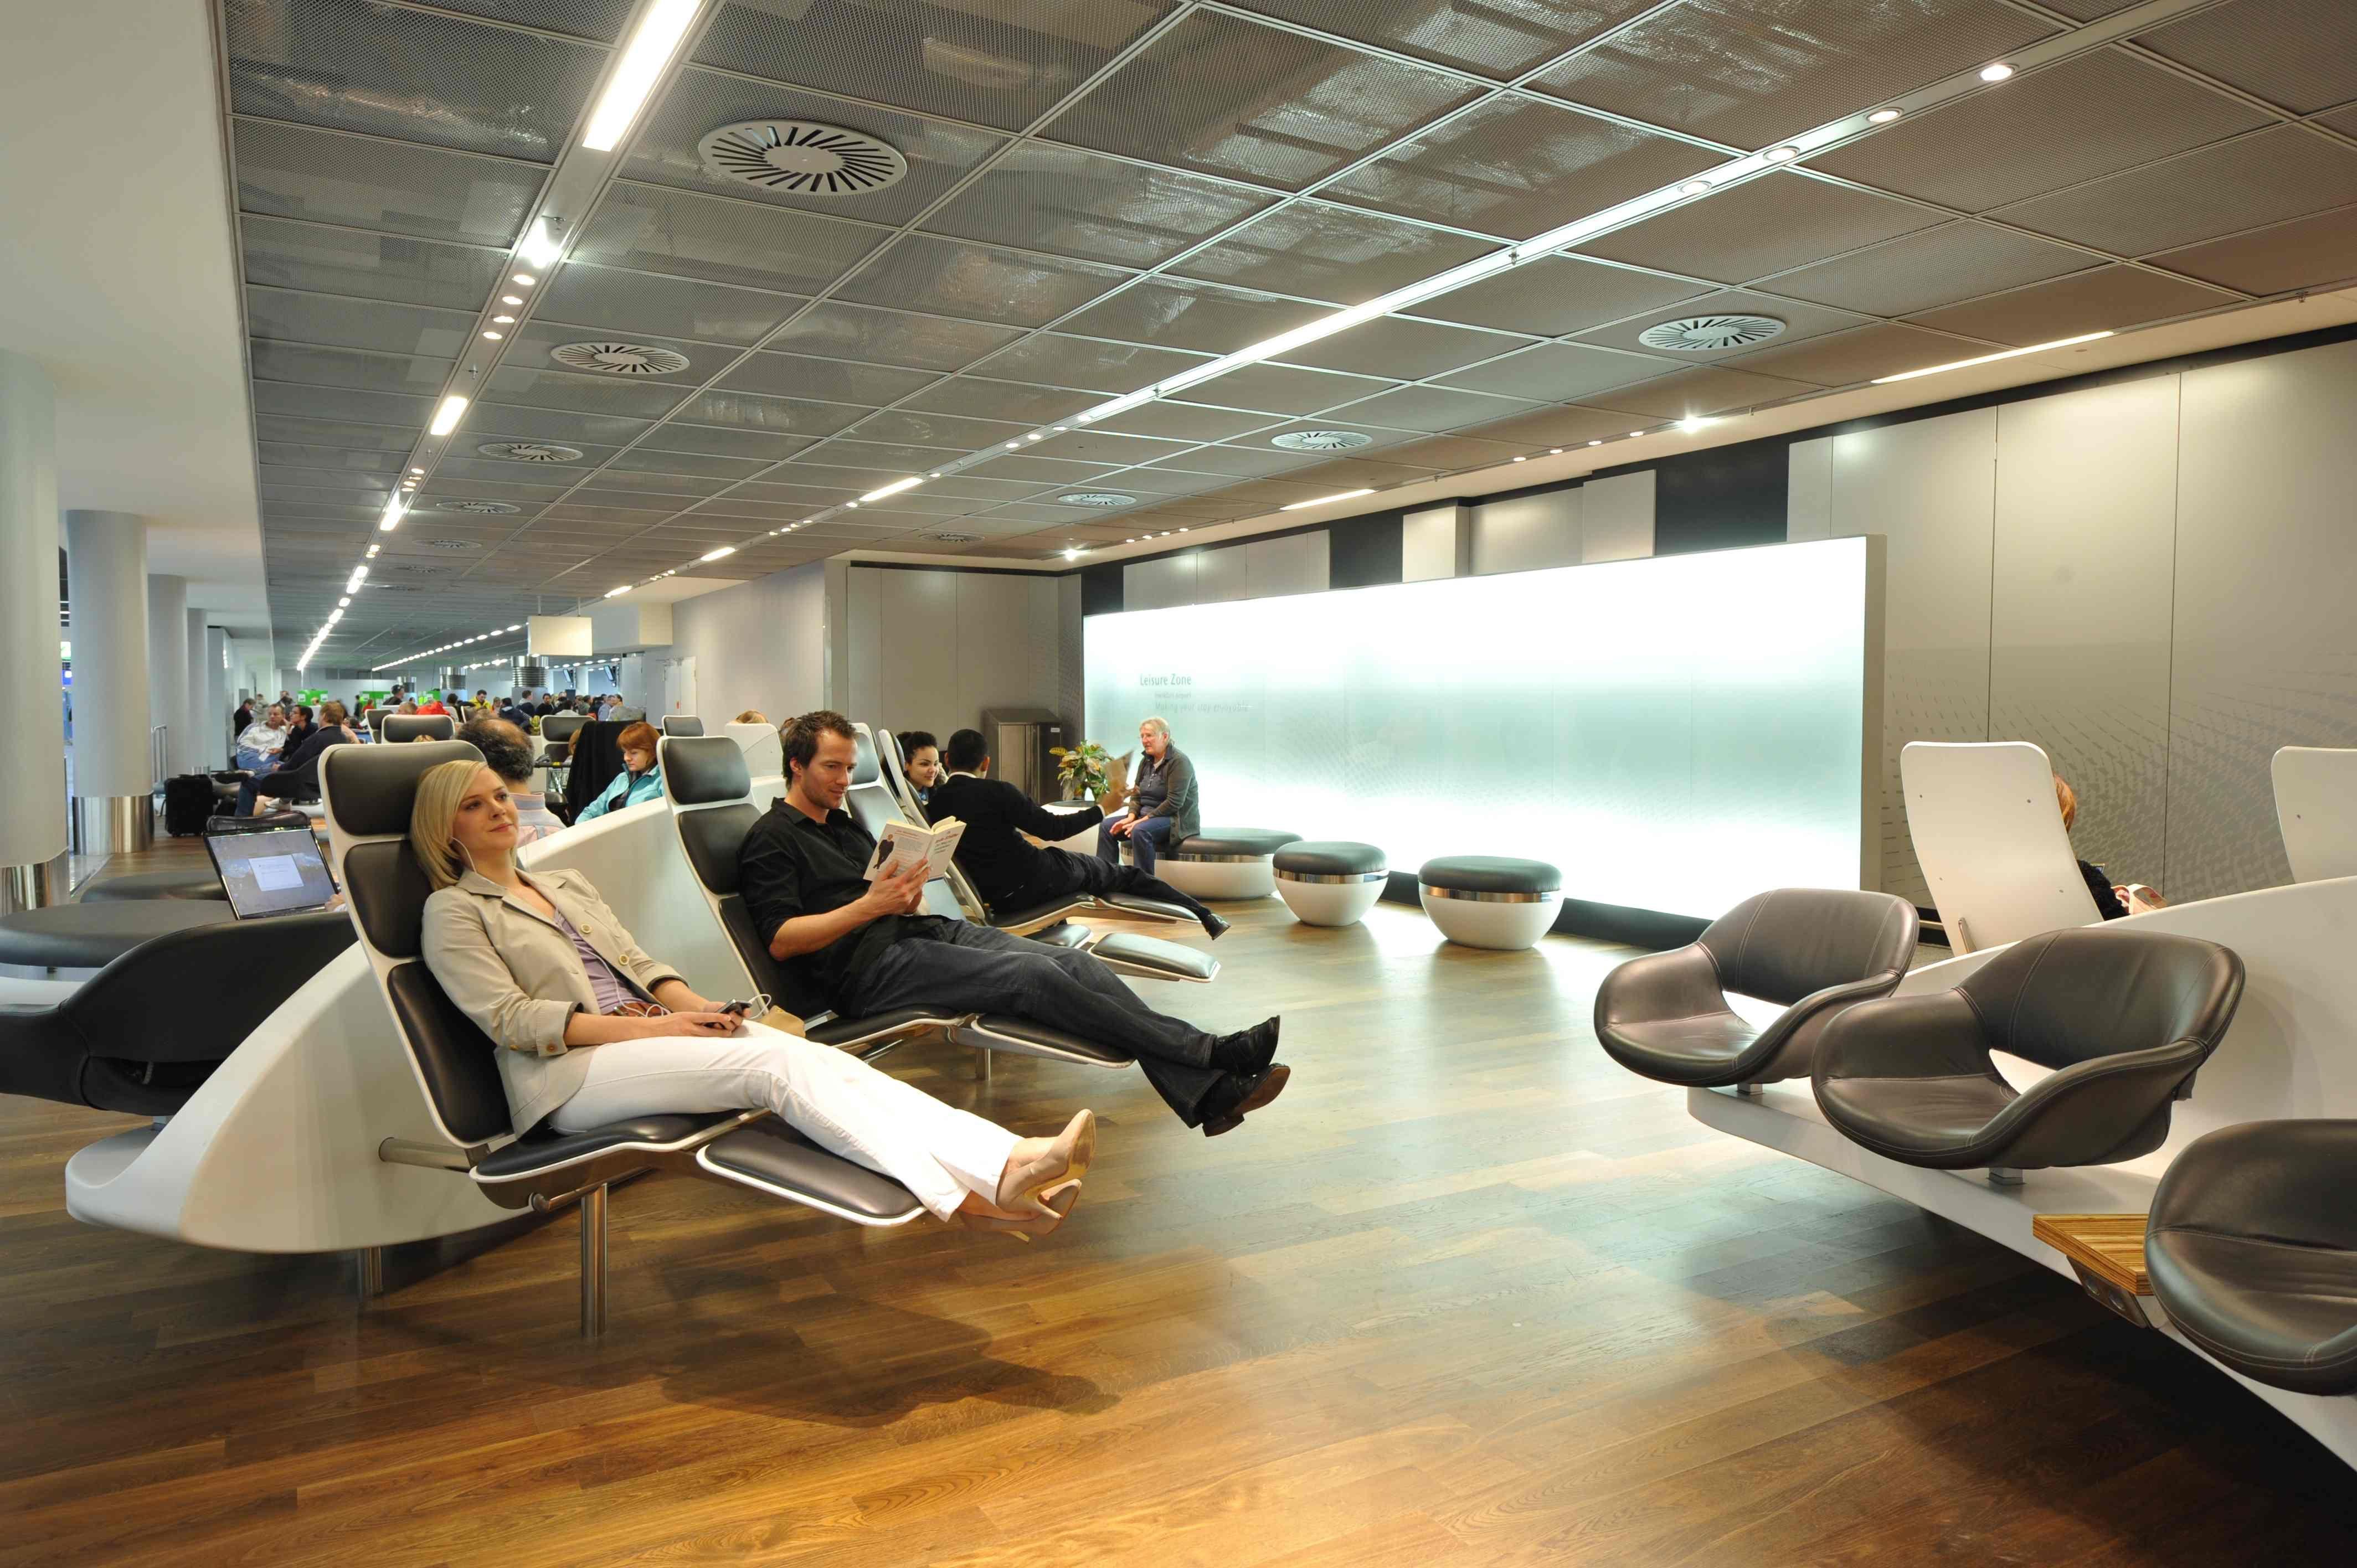 mejores salas VIP aeropuertos